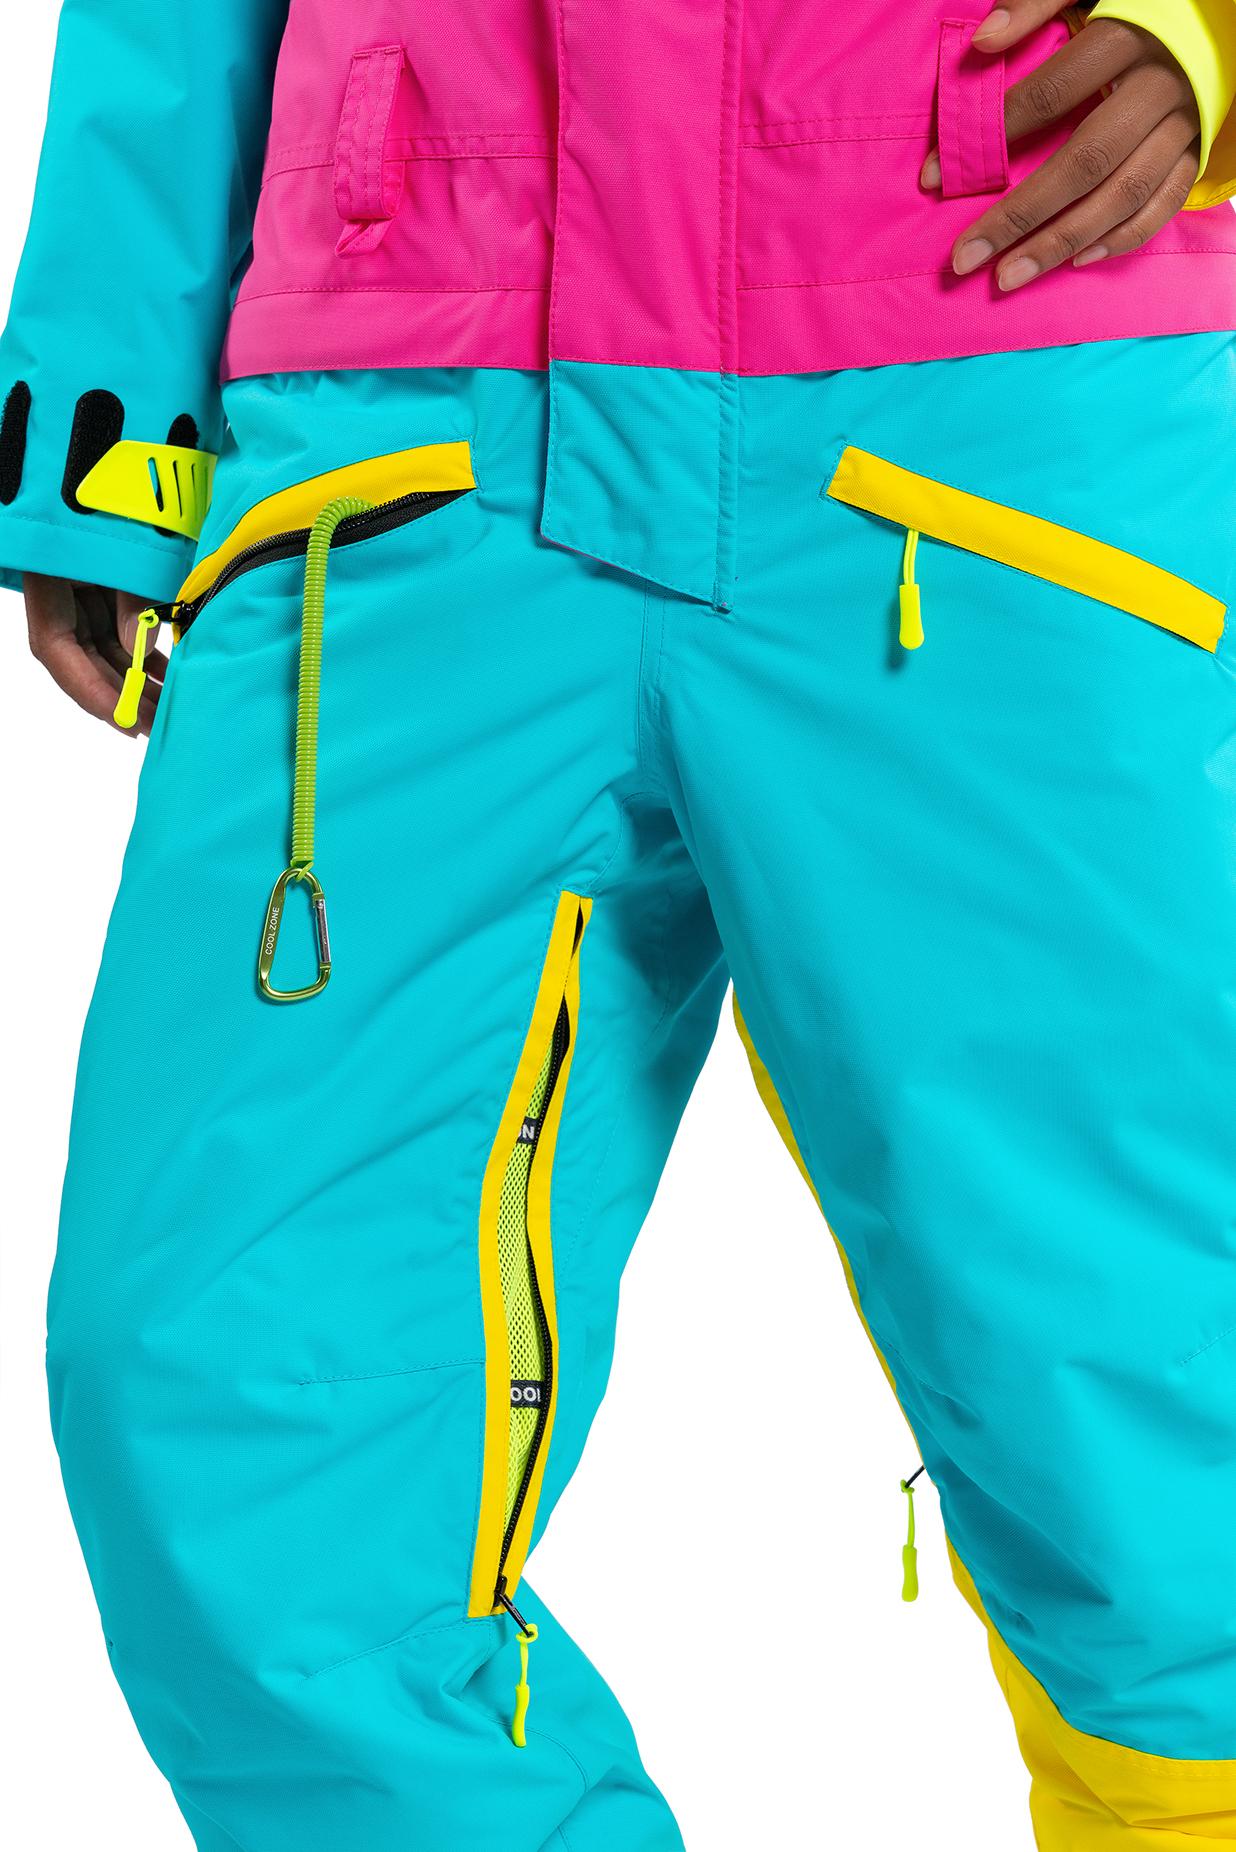 Комбинезон сноубордический COOLZONE 2018-19 MIX желтый цикламен бирюза ·  БЕСПЛАТНАЯ доставка по России 0fbea1e2ca6